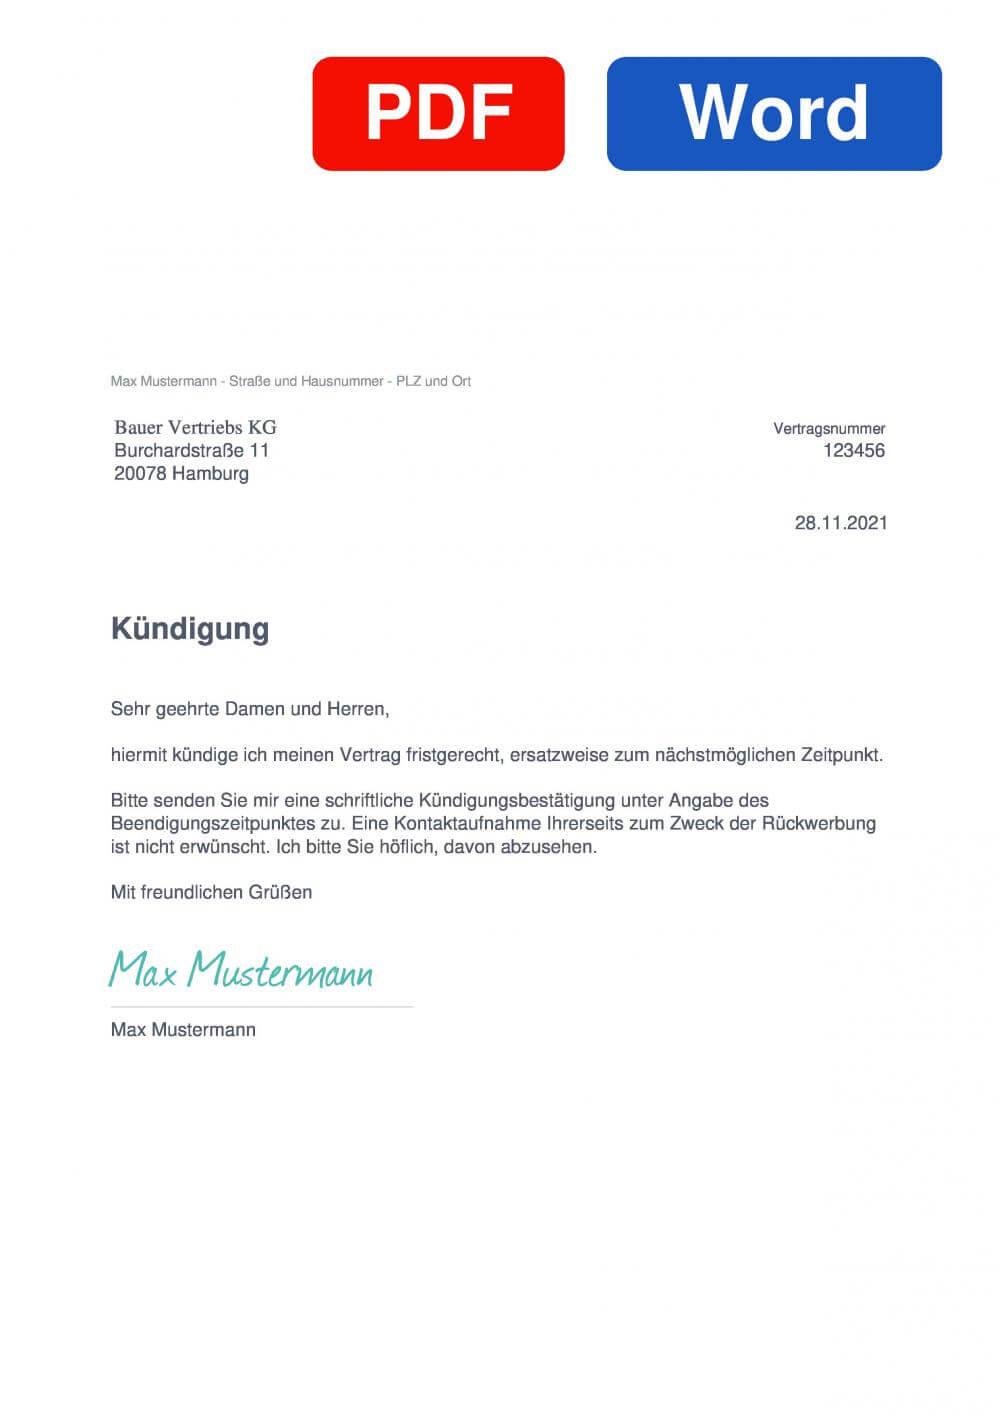 ZustellerOnline Muster Vorlage für Kündigungsschreiben